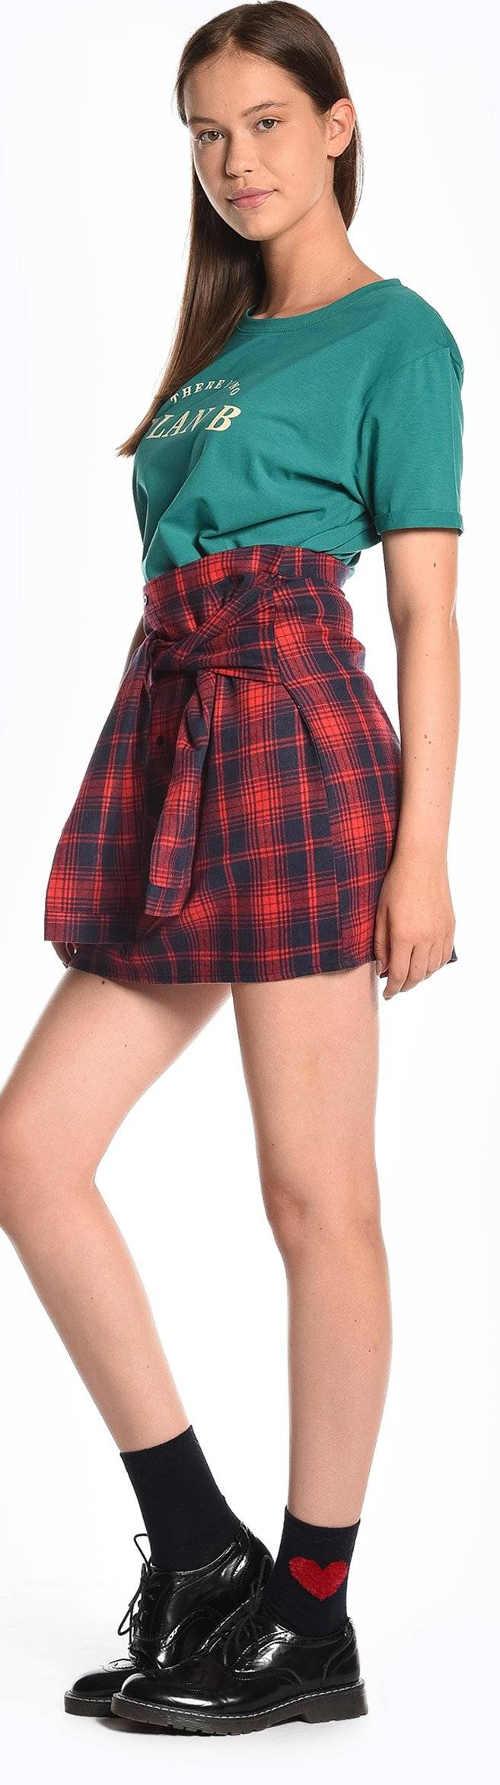 Moderní dámská sukně s falešnými rukávy kolem pasu